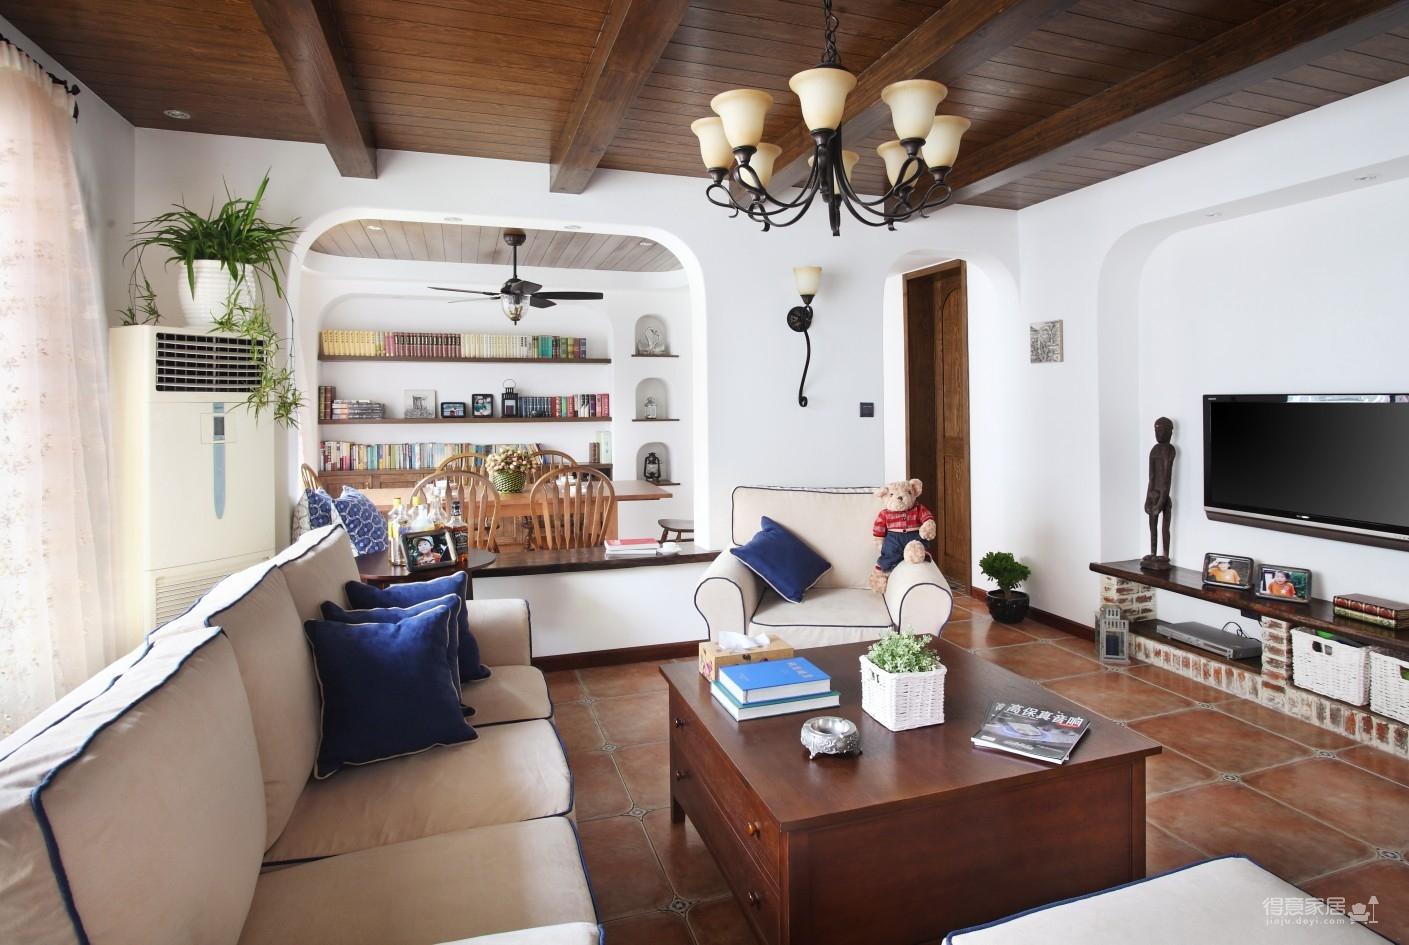 130㎡空间里的圆拱门,让家更添复古时尚气息图_2